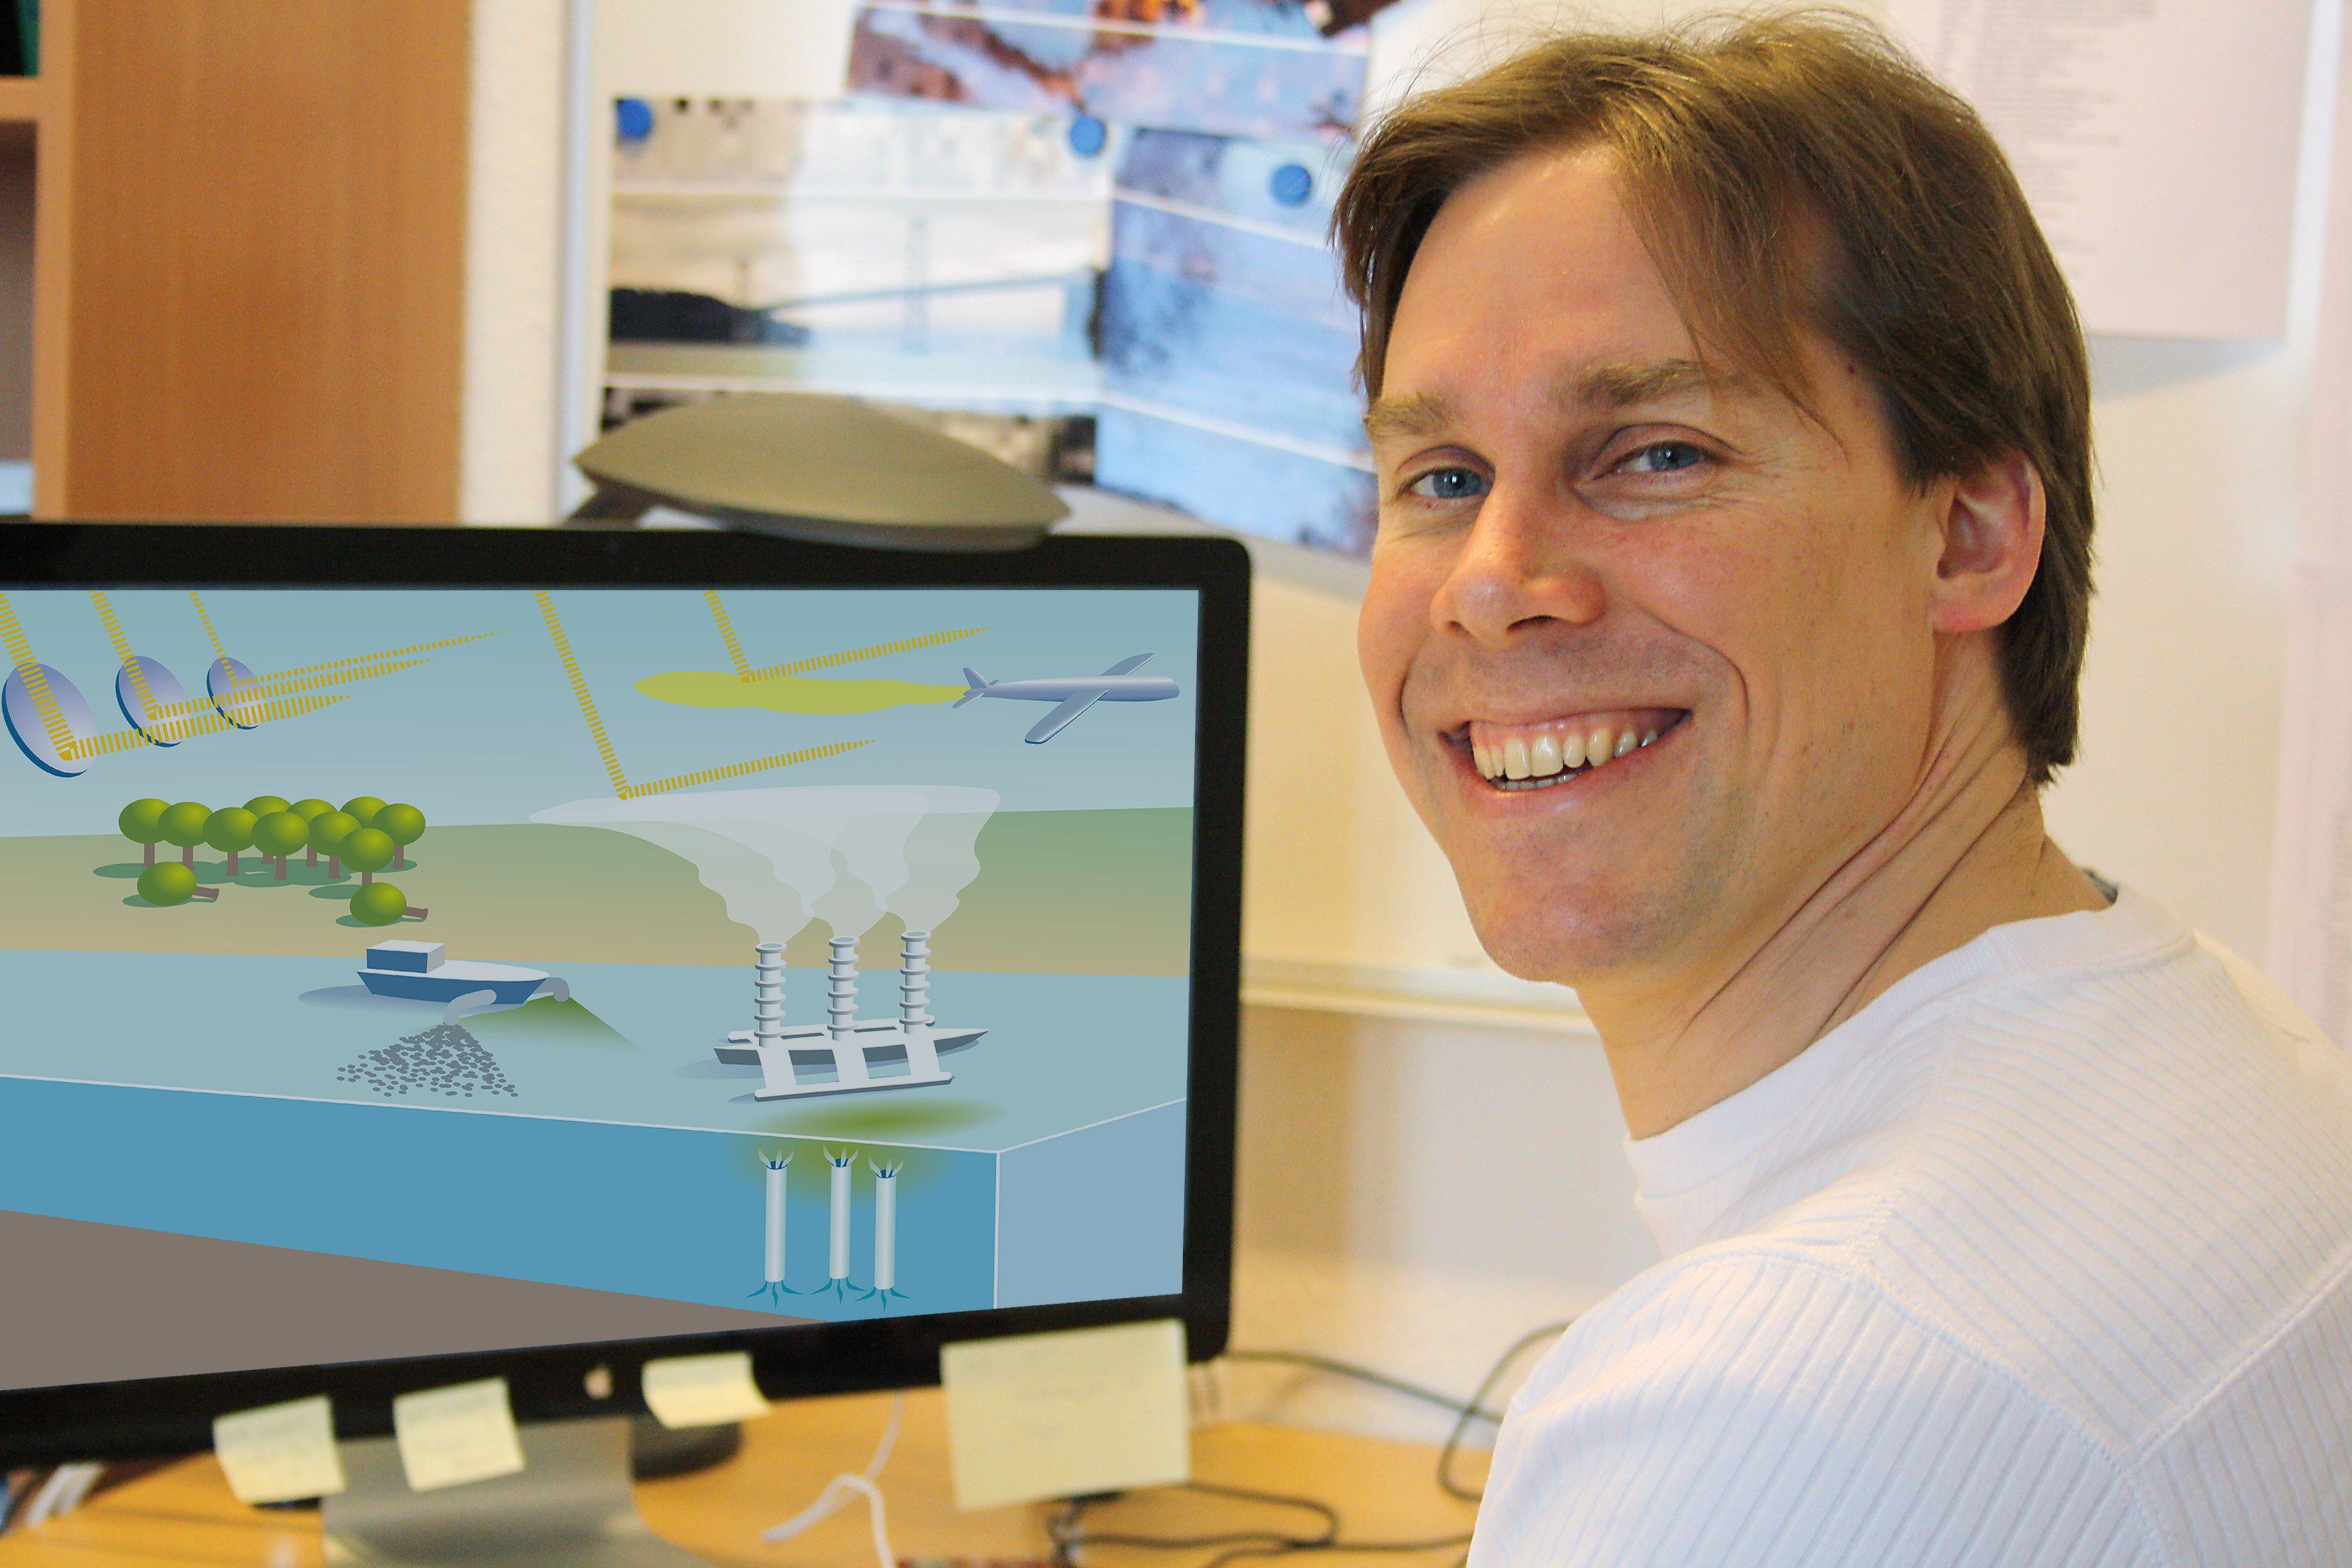 Klimaforscher Dr. David Kellersimulierte in einem globalen Erdmodell fünf verschiedene Climate Engineering-Maßnahmen. Die meisten Projekte schaden mehr als sie nutzen. Nur Spiegel im All erreichen eine positive Wirkung.